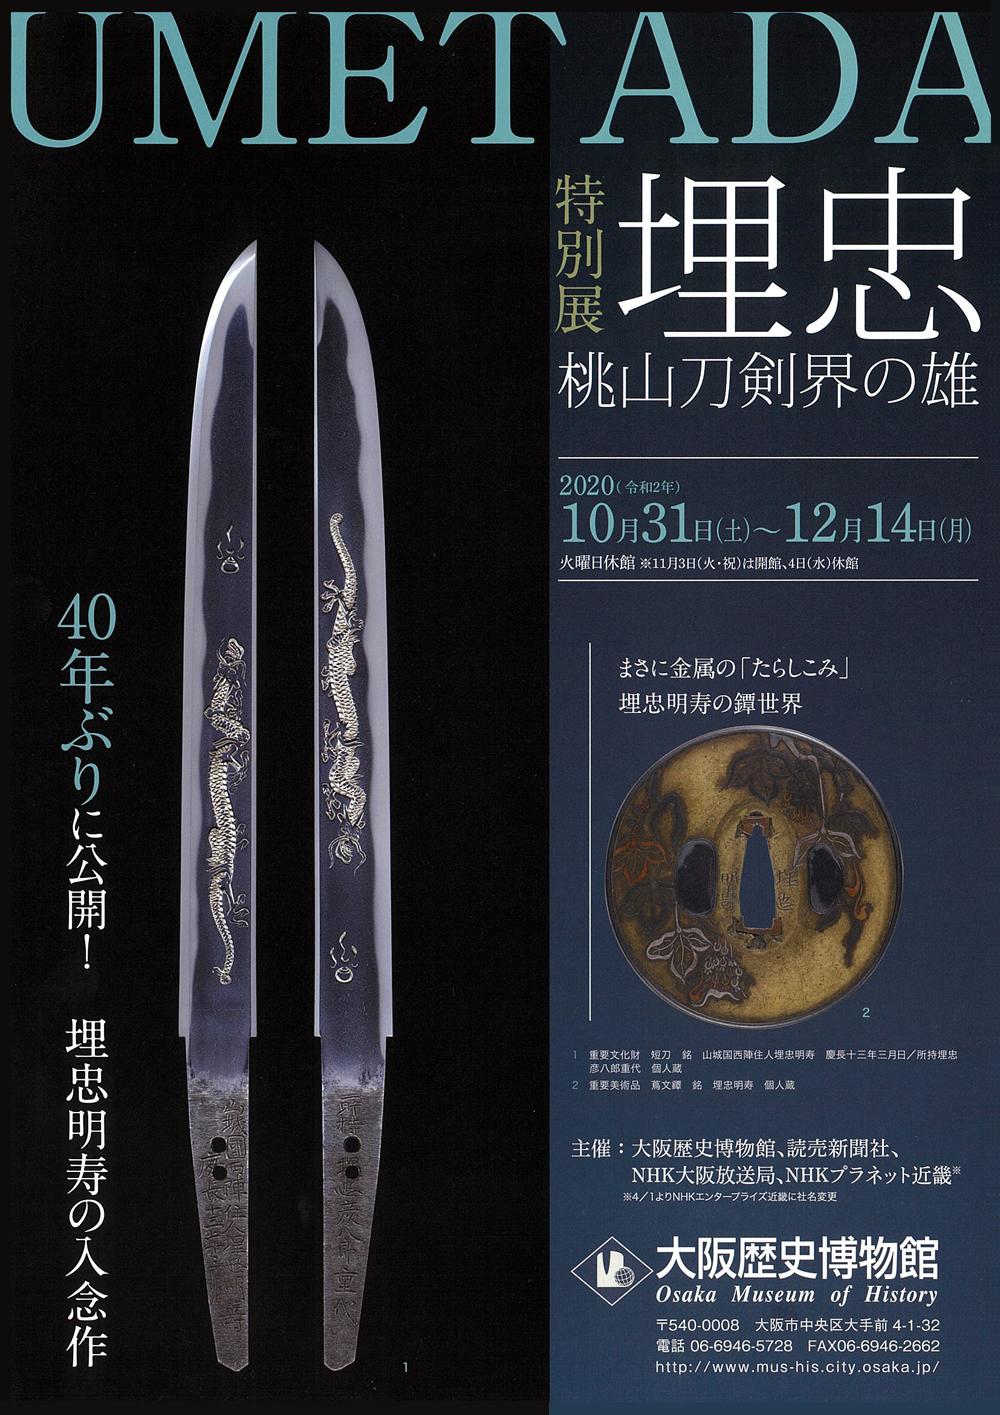 特別展「埋忠〈UMETADA〉桃山刀剣界の雄」